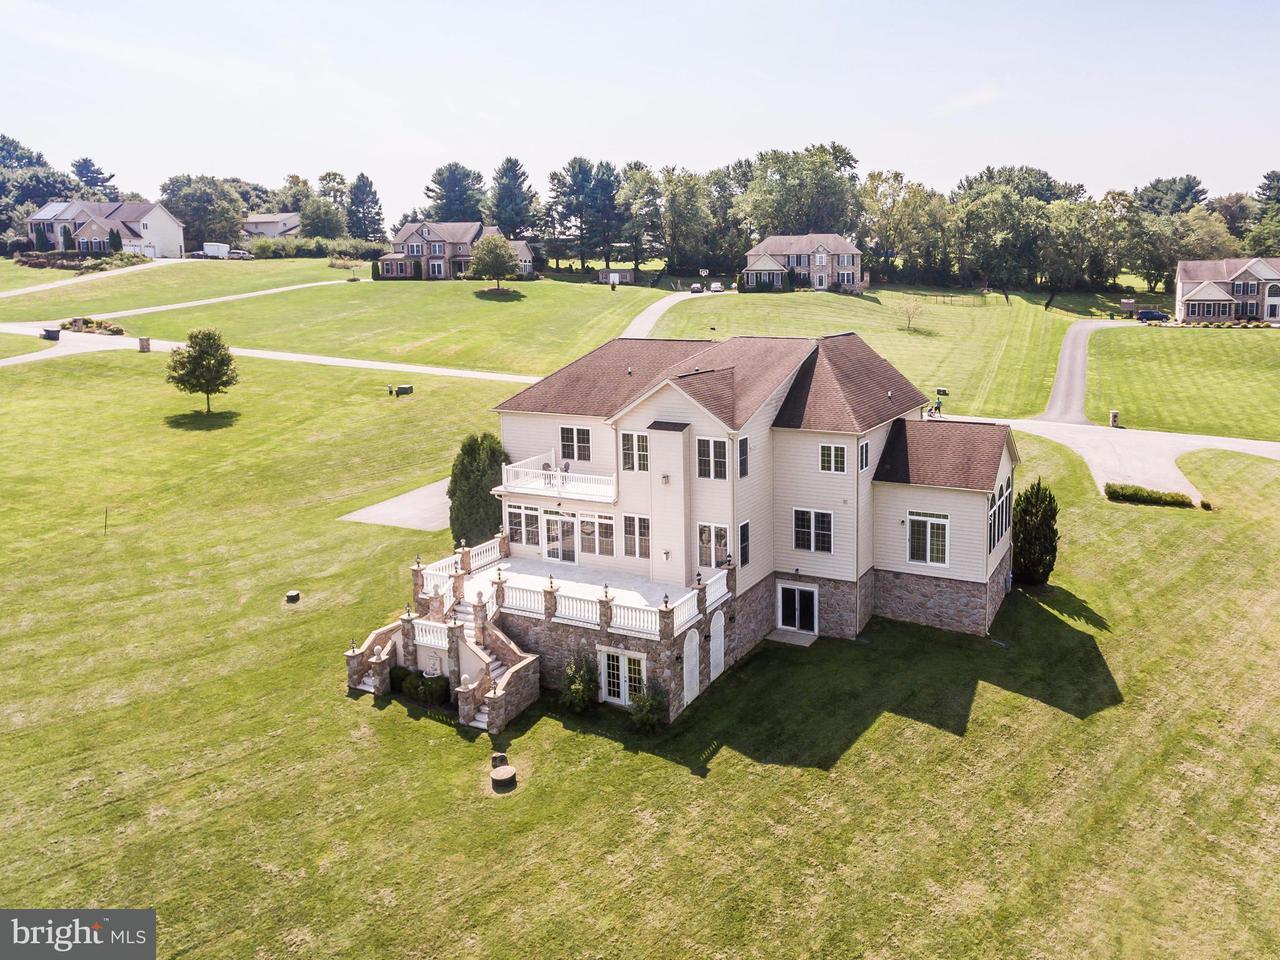 Maison unifamiliale pour l Vente à 2754 PIEDMONT HOLW 2754 PIEDMONT HOLW Finksburg, Maryland 21048 États-Unis